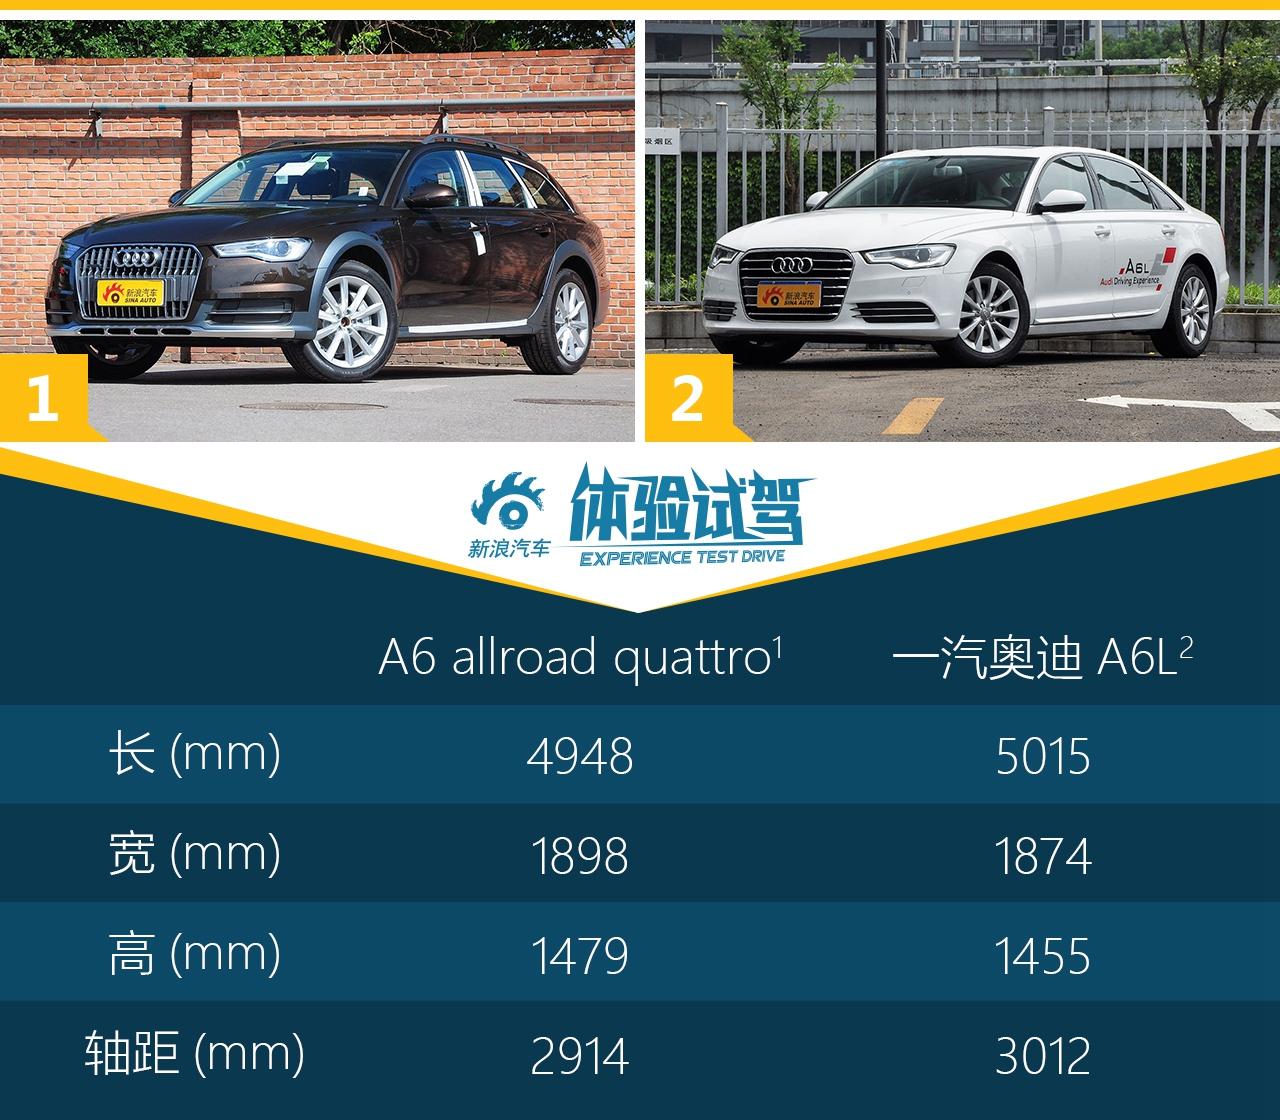 体验试驾奥迪A6 Allroad quattro